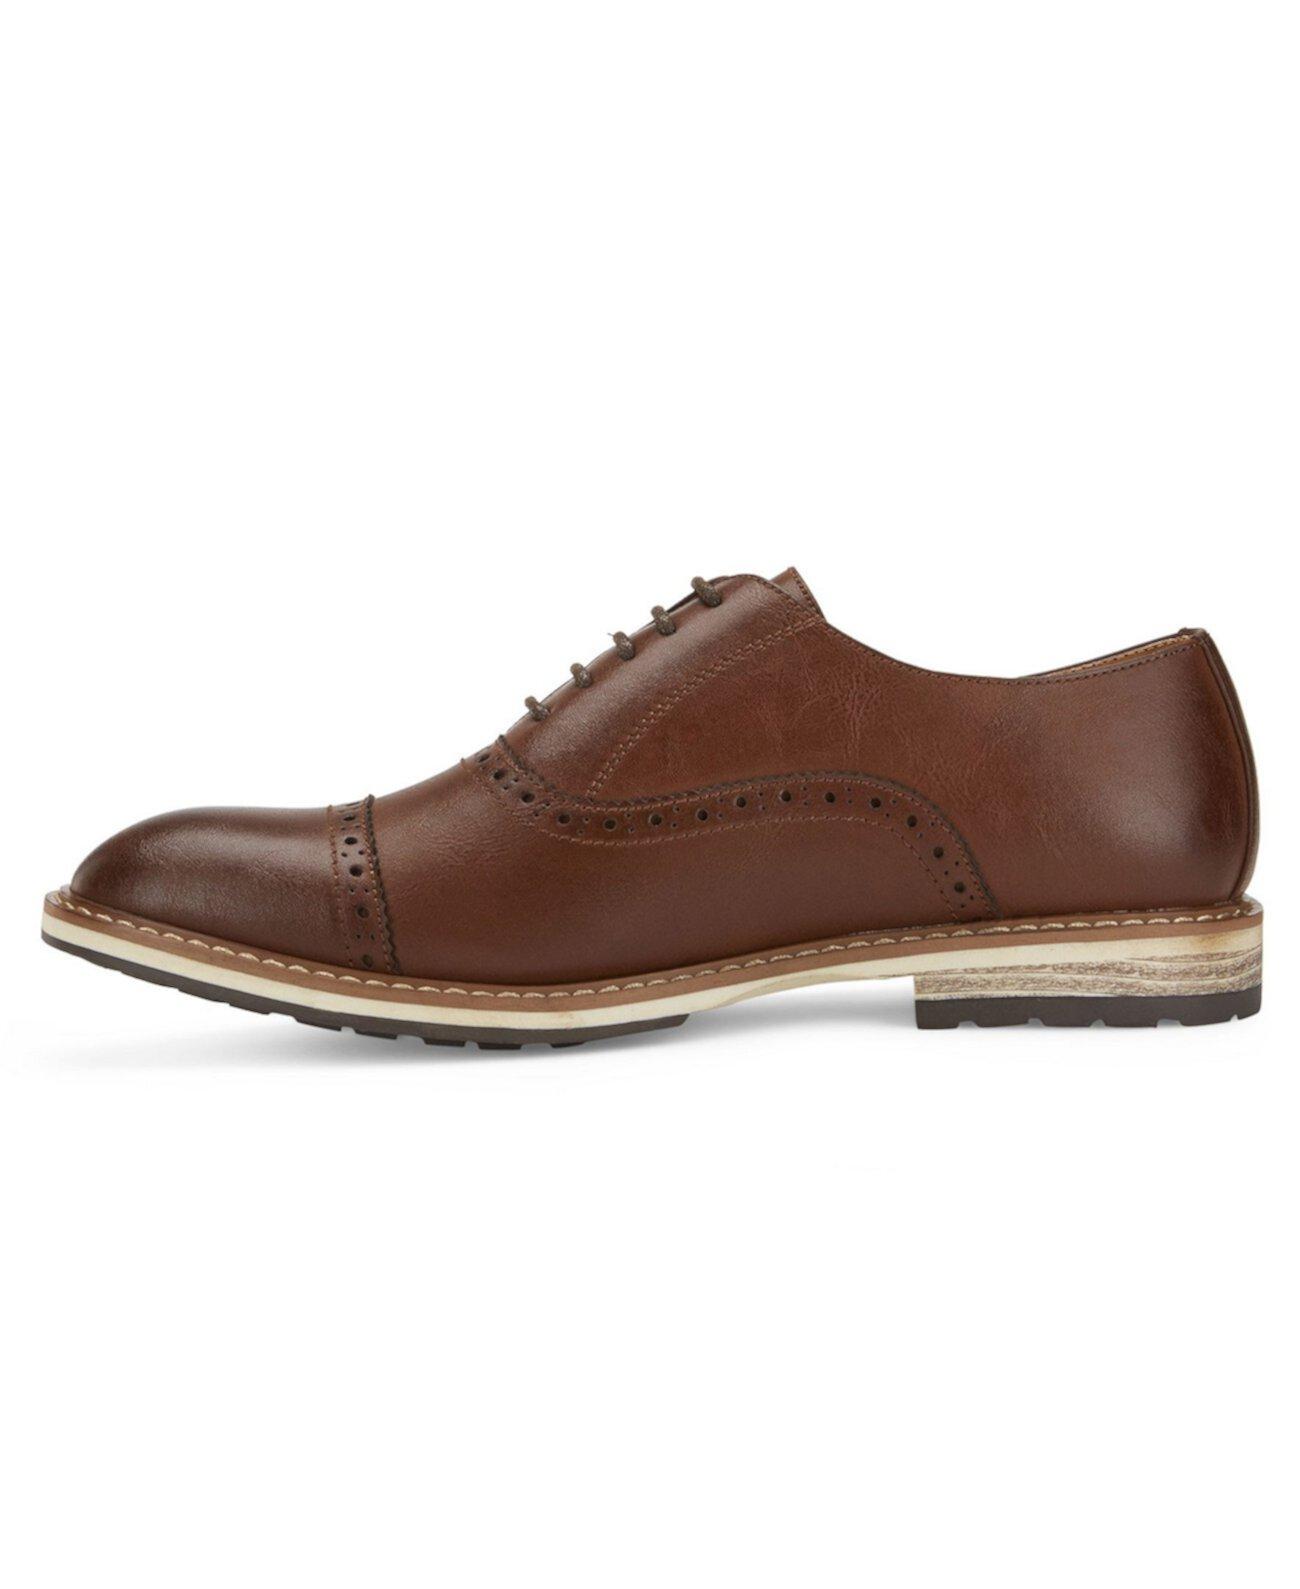 Мужская классическая обувь The Hatteras Оксфорд XRAY